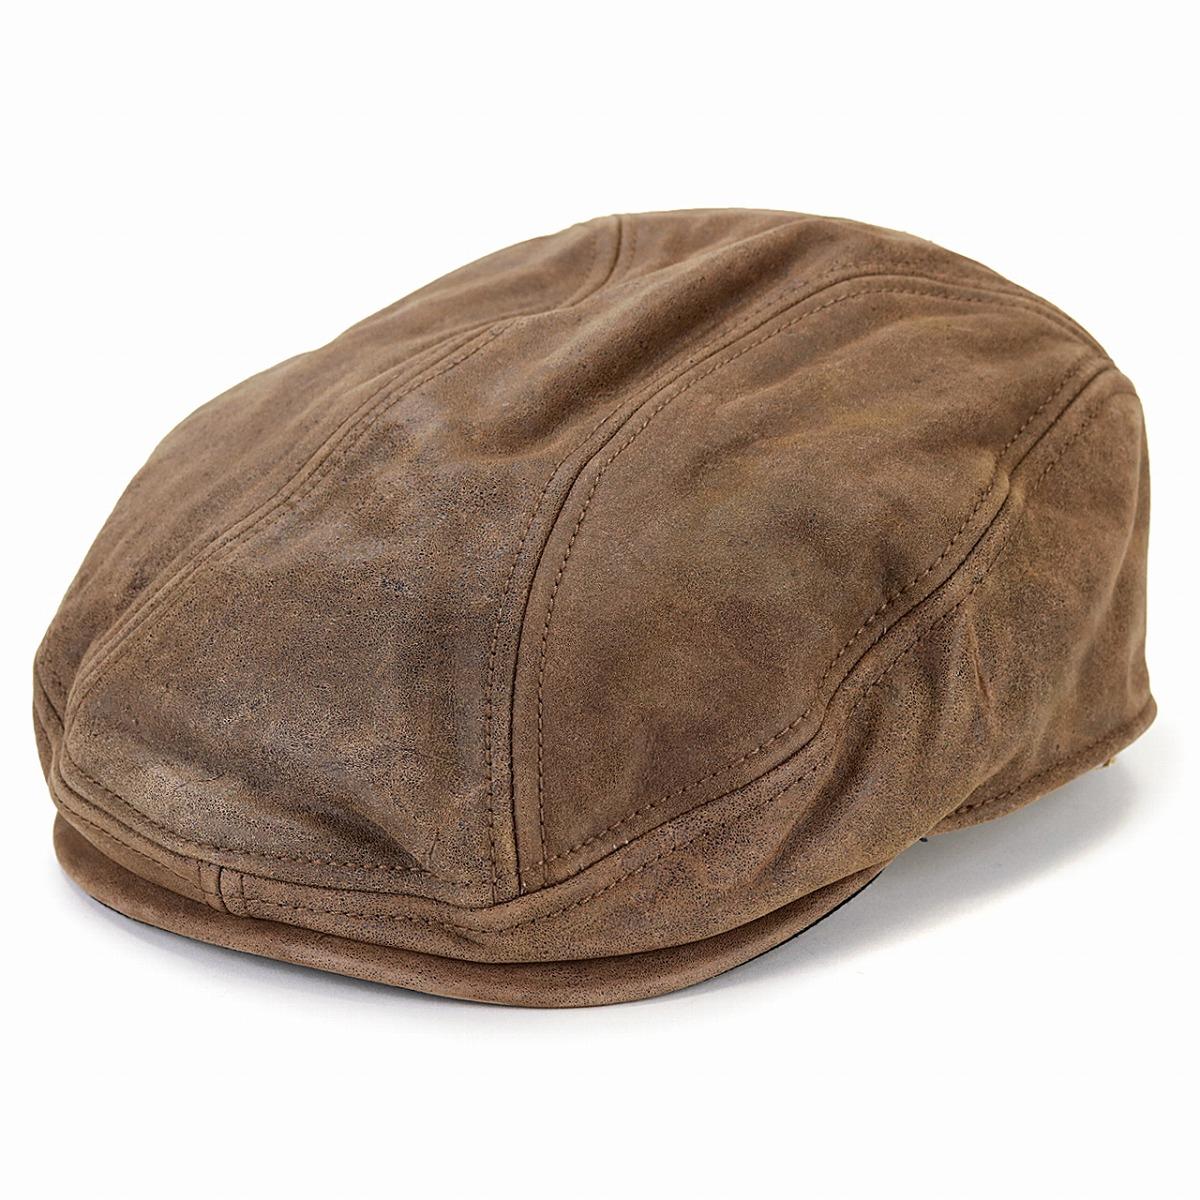 本革 ハンチング レザー HENSCHEL メンズ 牛革 ハンチング帽 ヴィンテージ ヘンシェル 帽子 大きいサイズ 秋冬 レディース アイビーキャップ 革小物 茶 ブラウン [ ivy cap ] 父の日 プレゼント 帽子 男性 40代 50代 60代 レザーハンチング